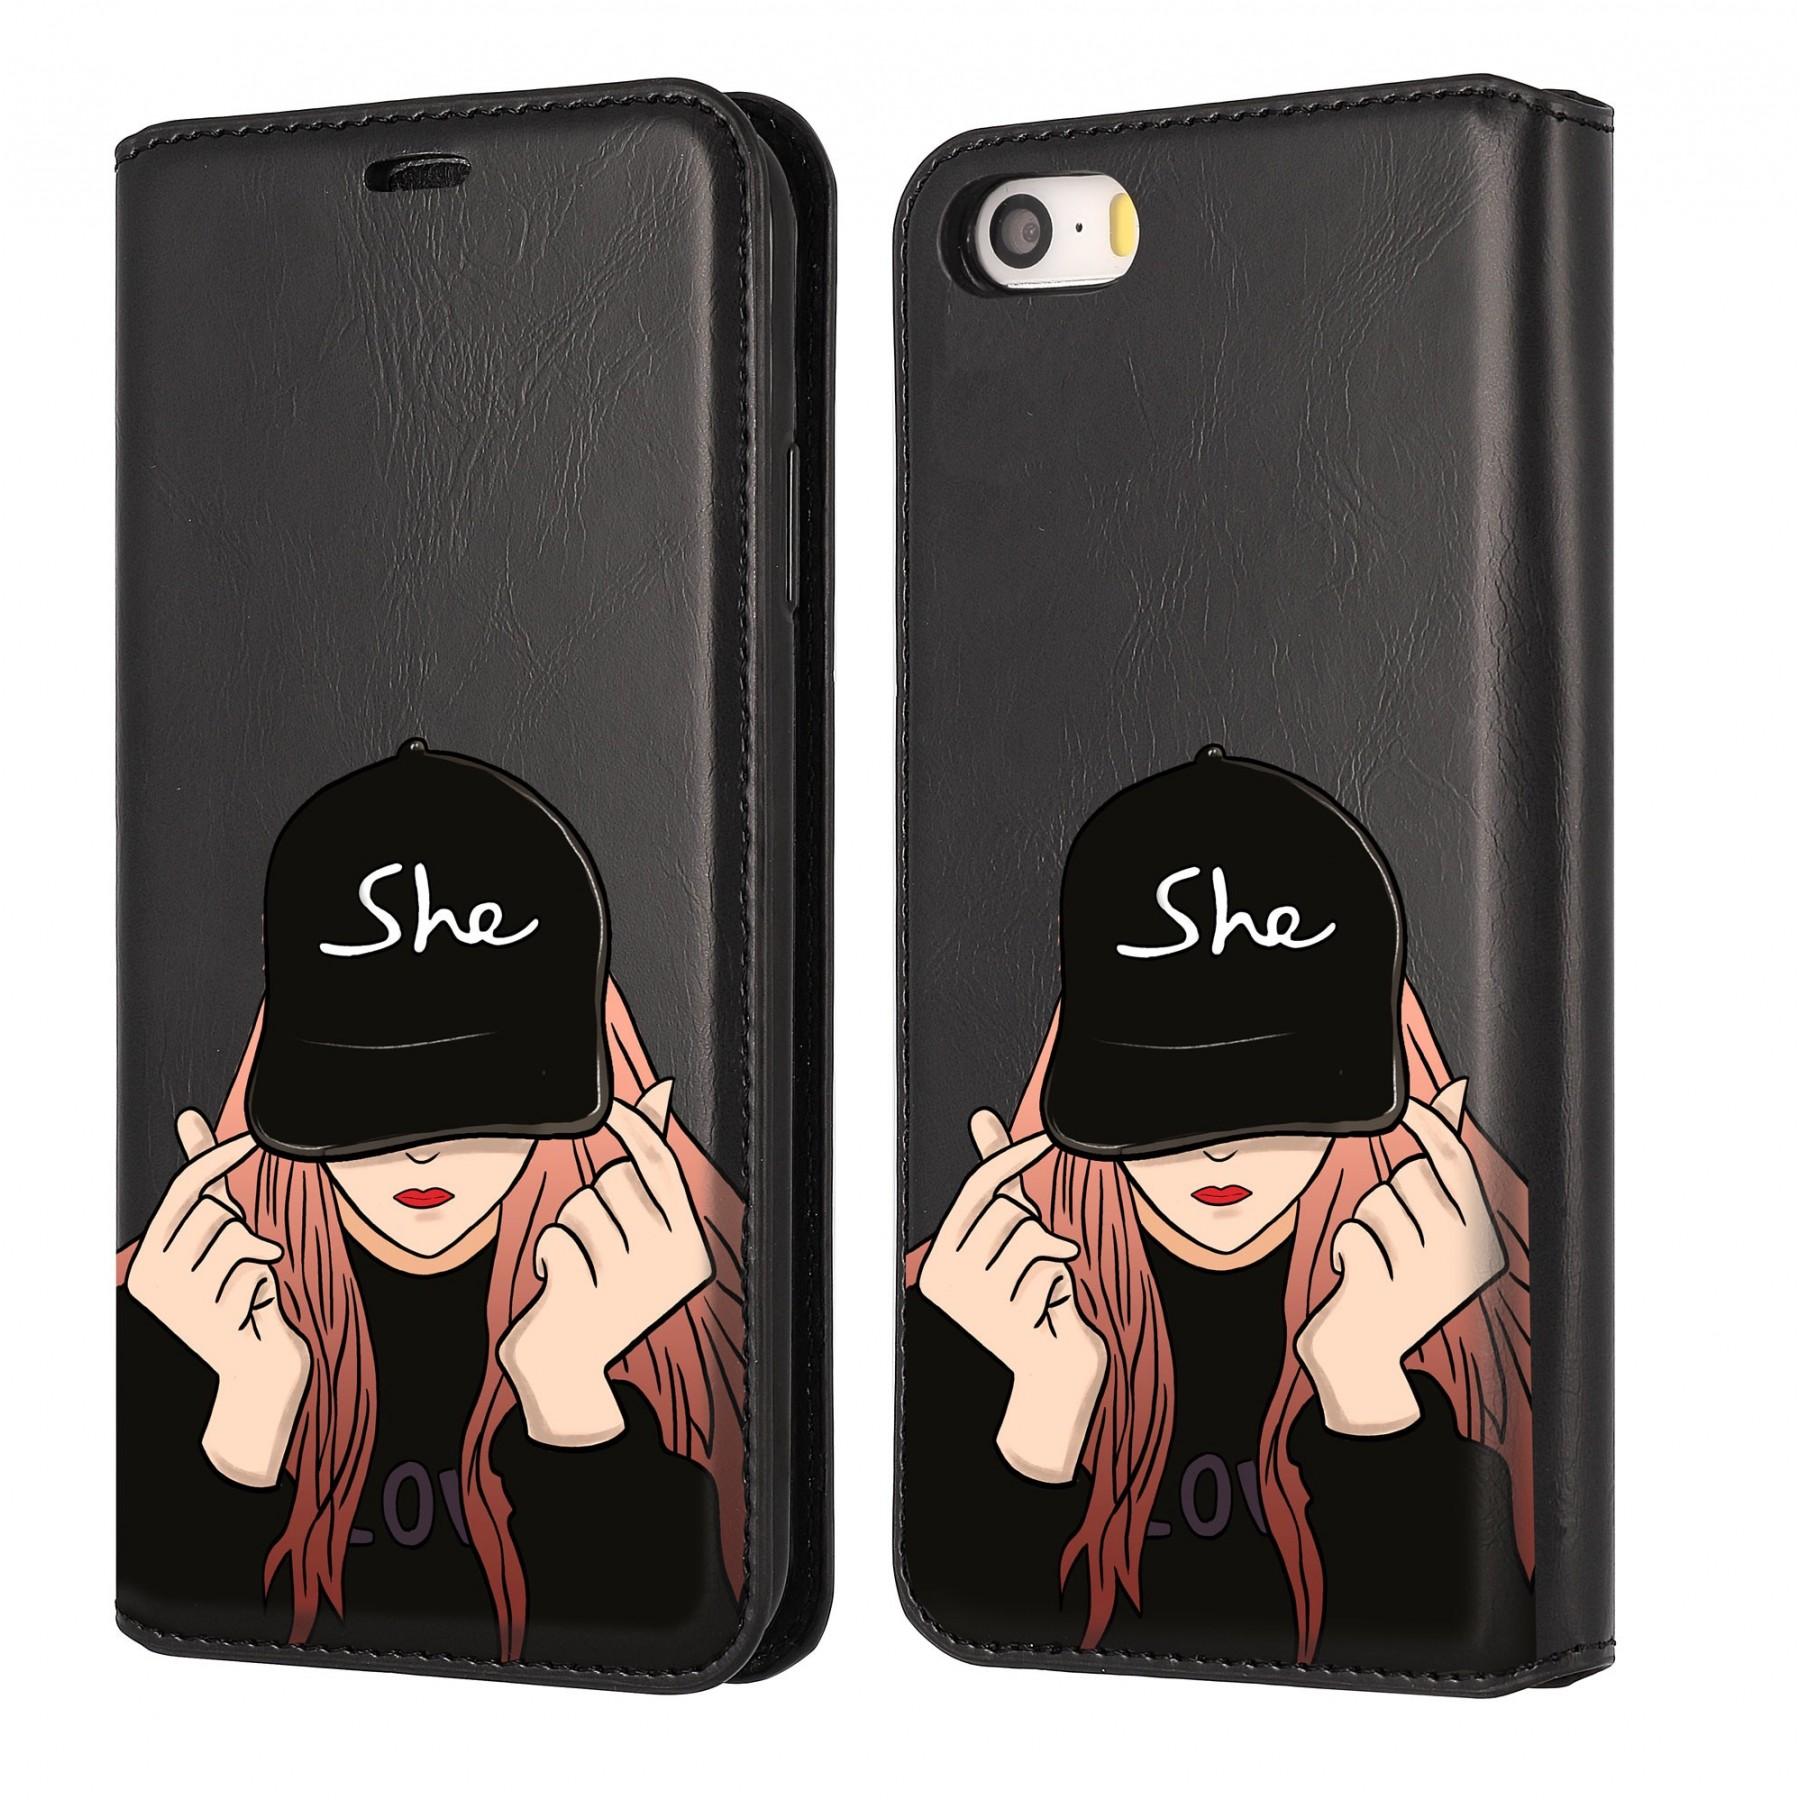 Etui à clapet girl casquette personnalisable pour Iphone 5S et SE